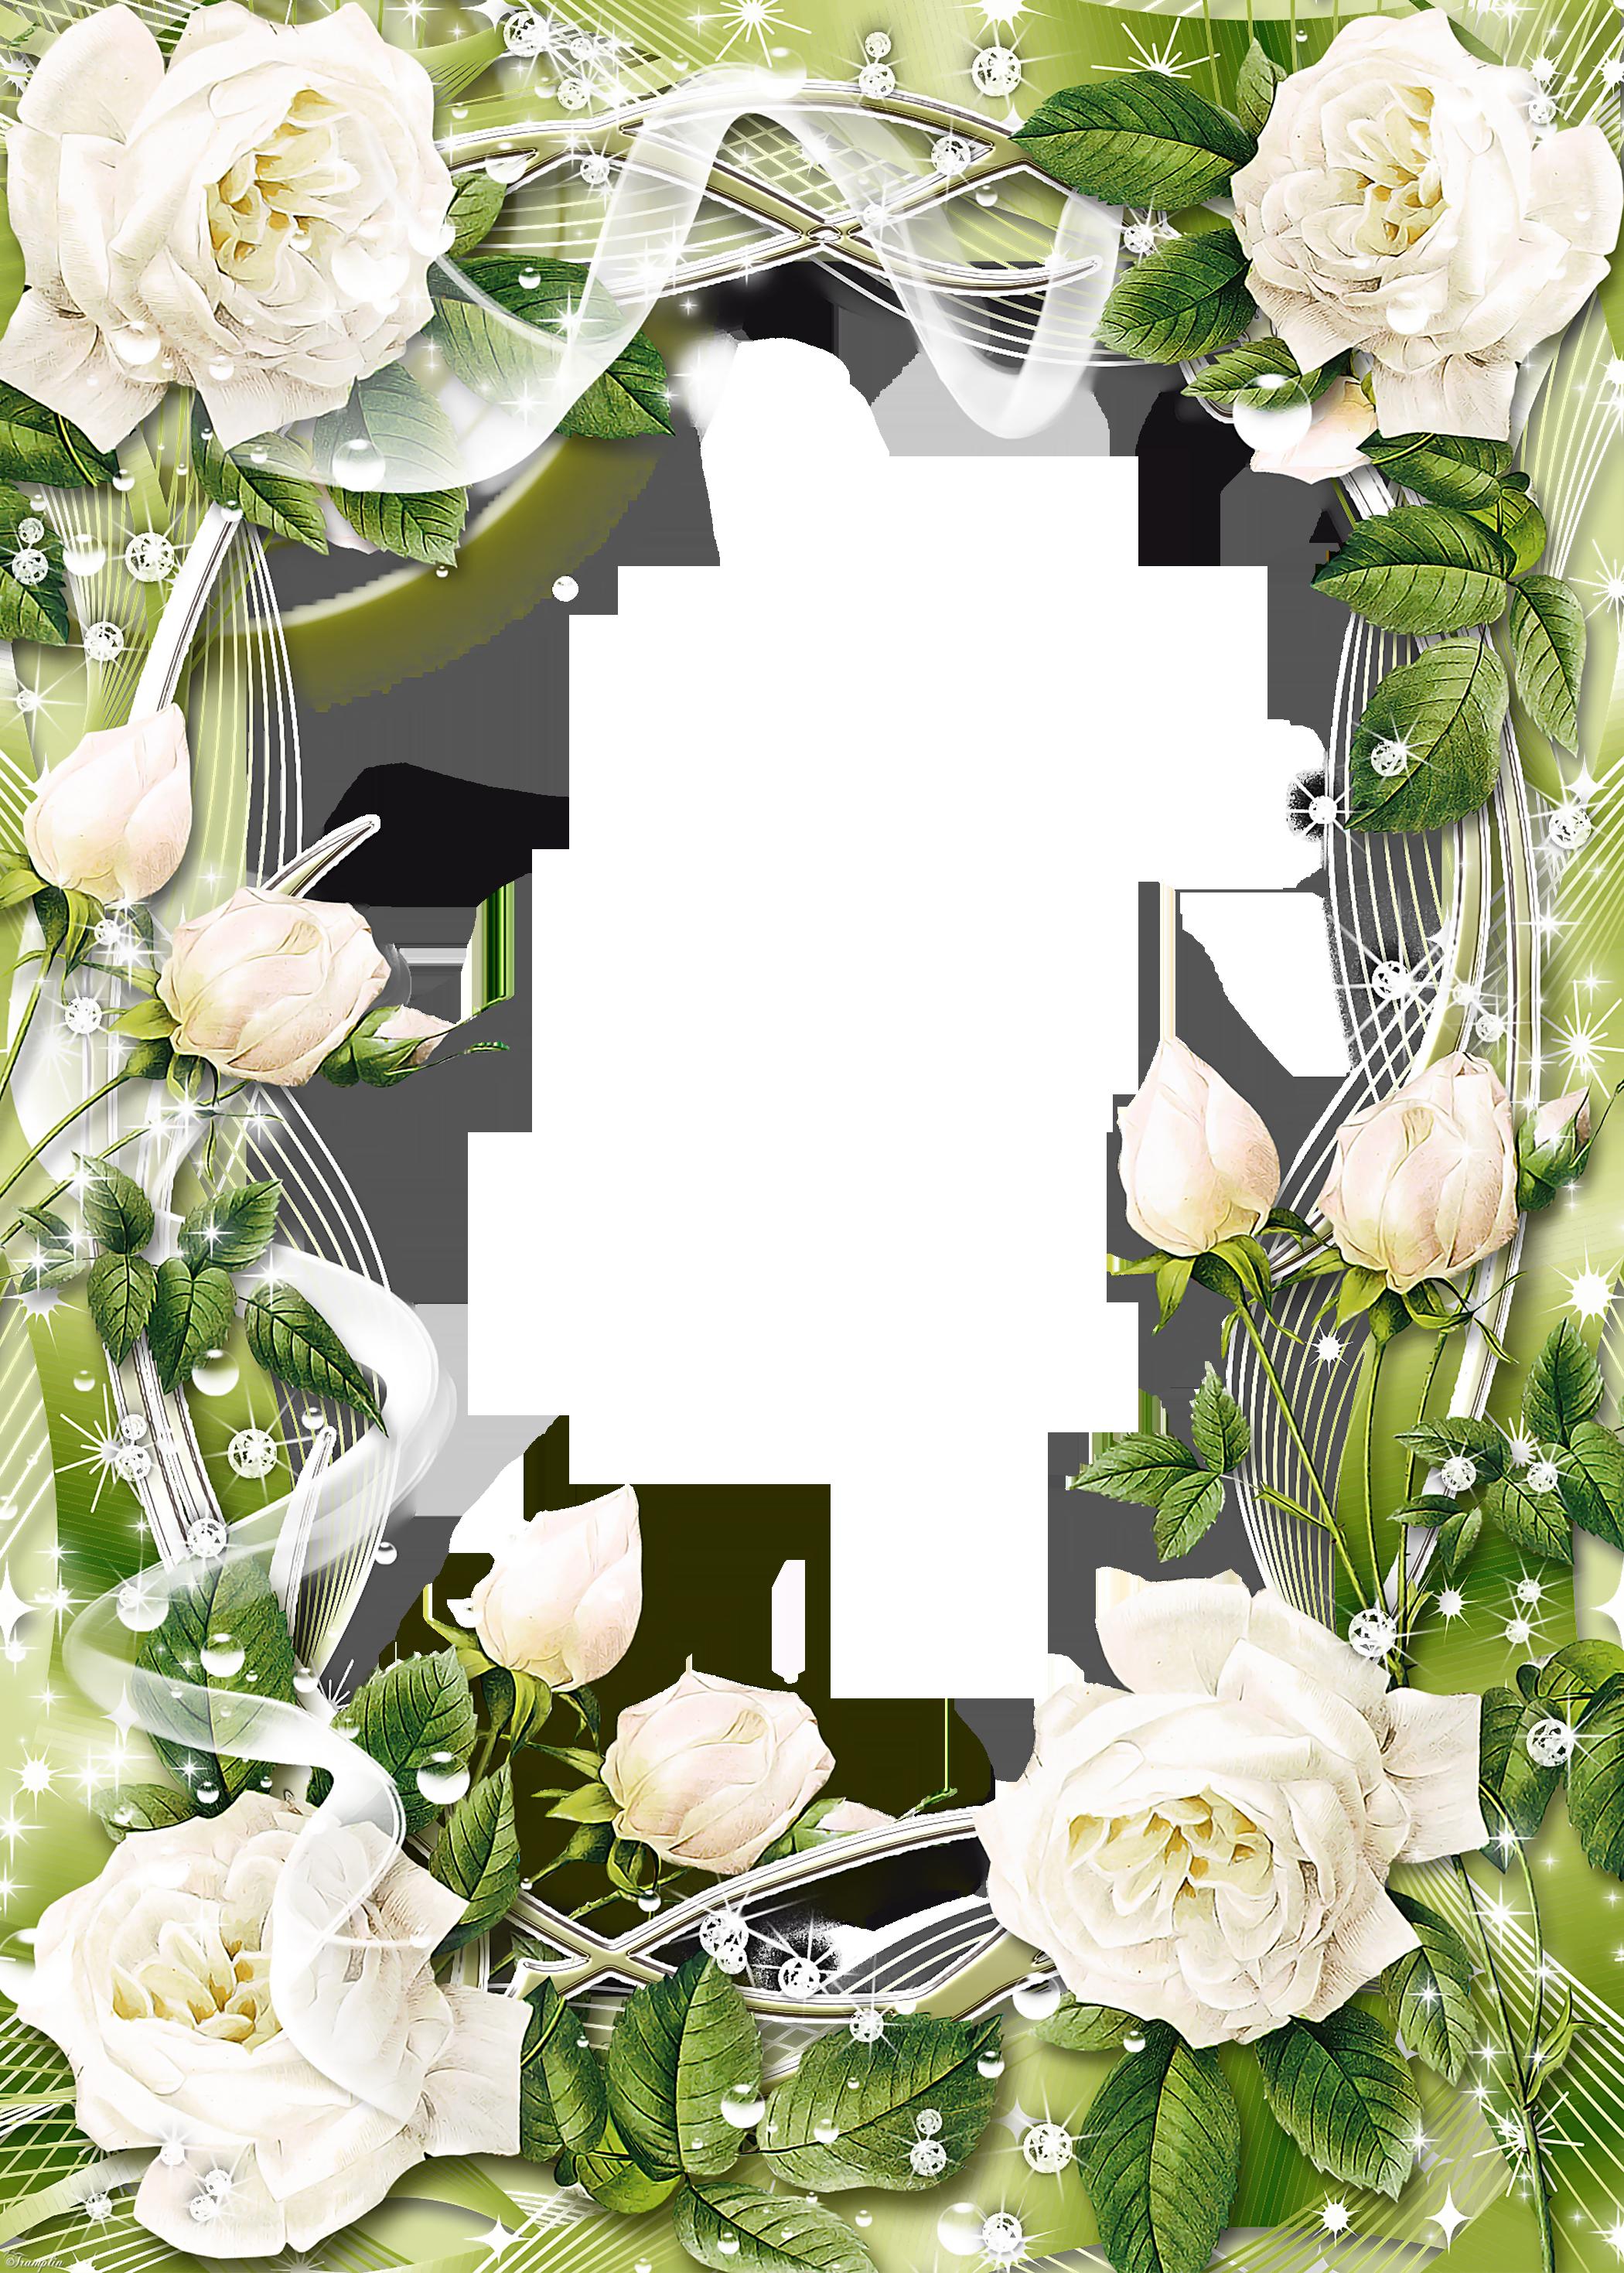 Flower border clipart roses banner black and white download Groen Transparant PNG fotolijst met Witte Rozen | clipart borders ... banner black and white download